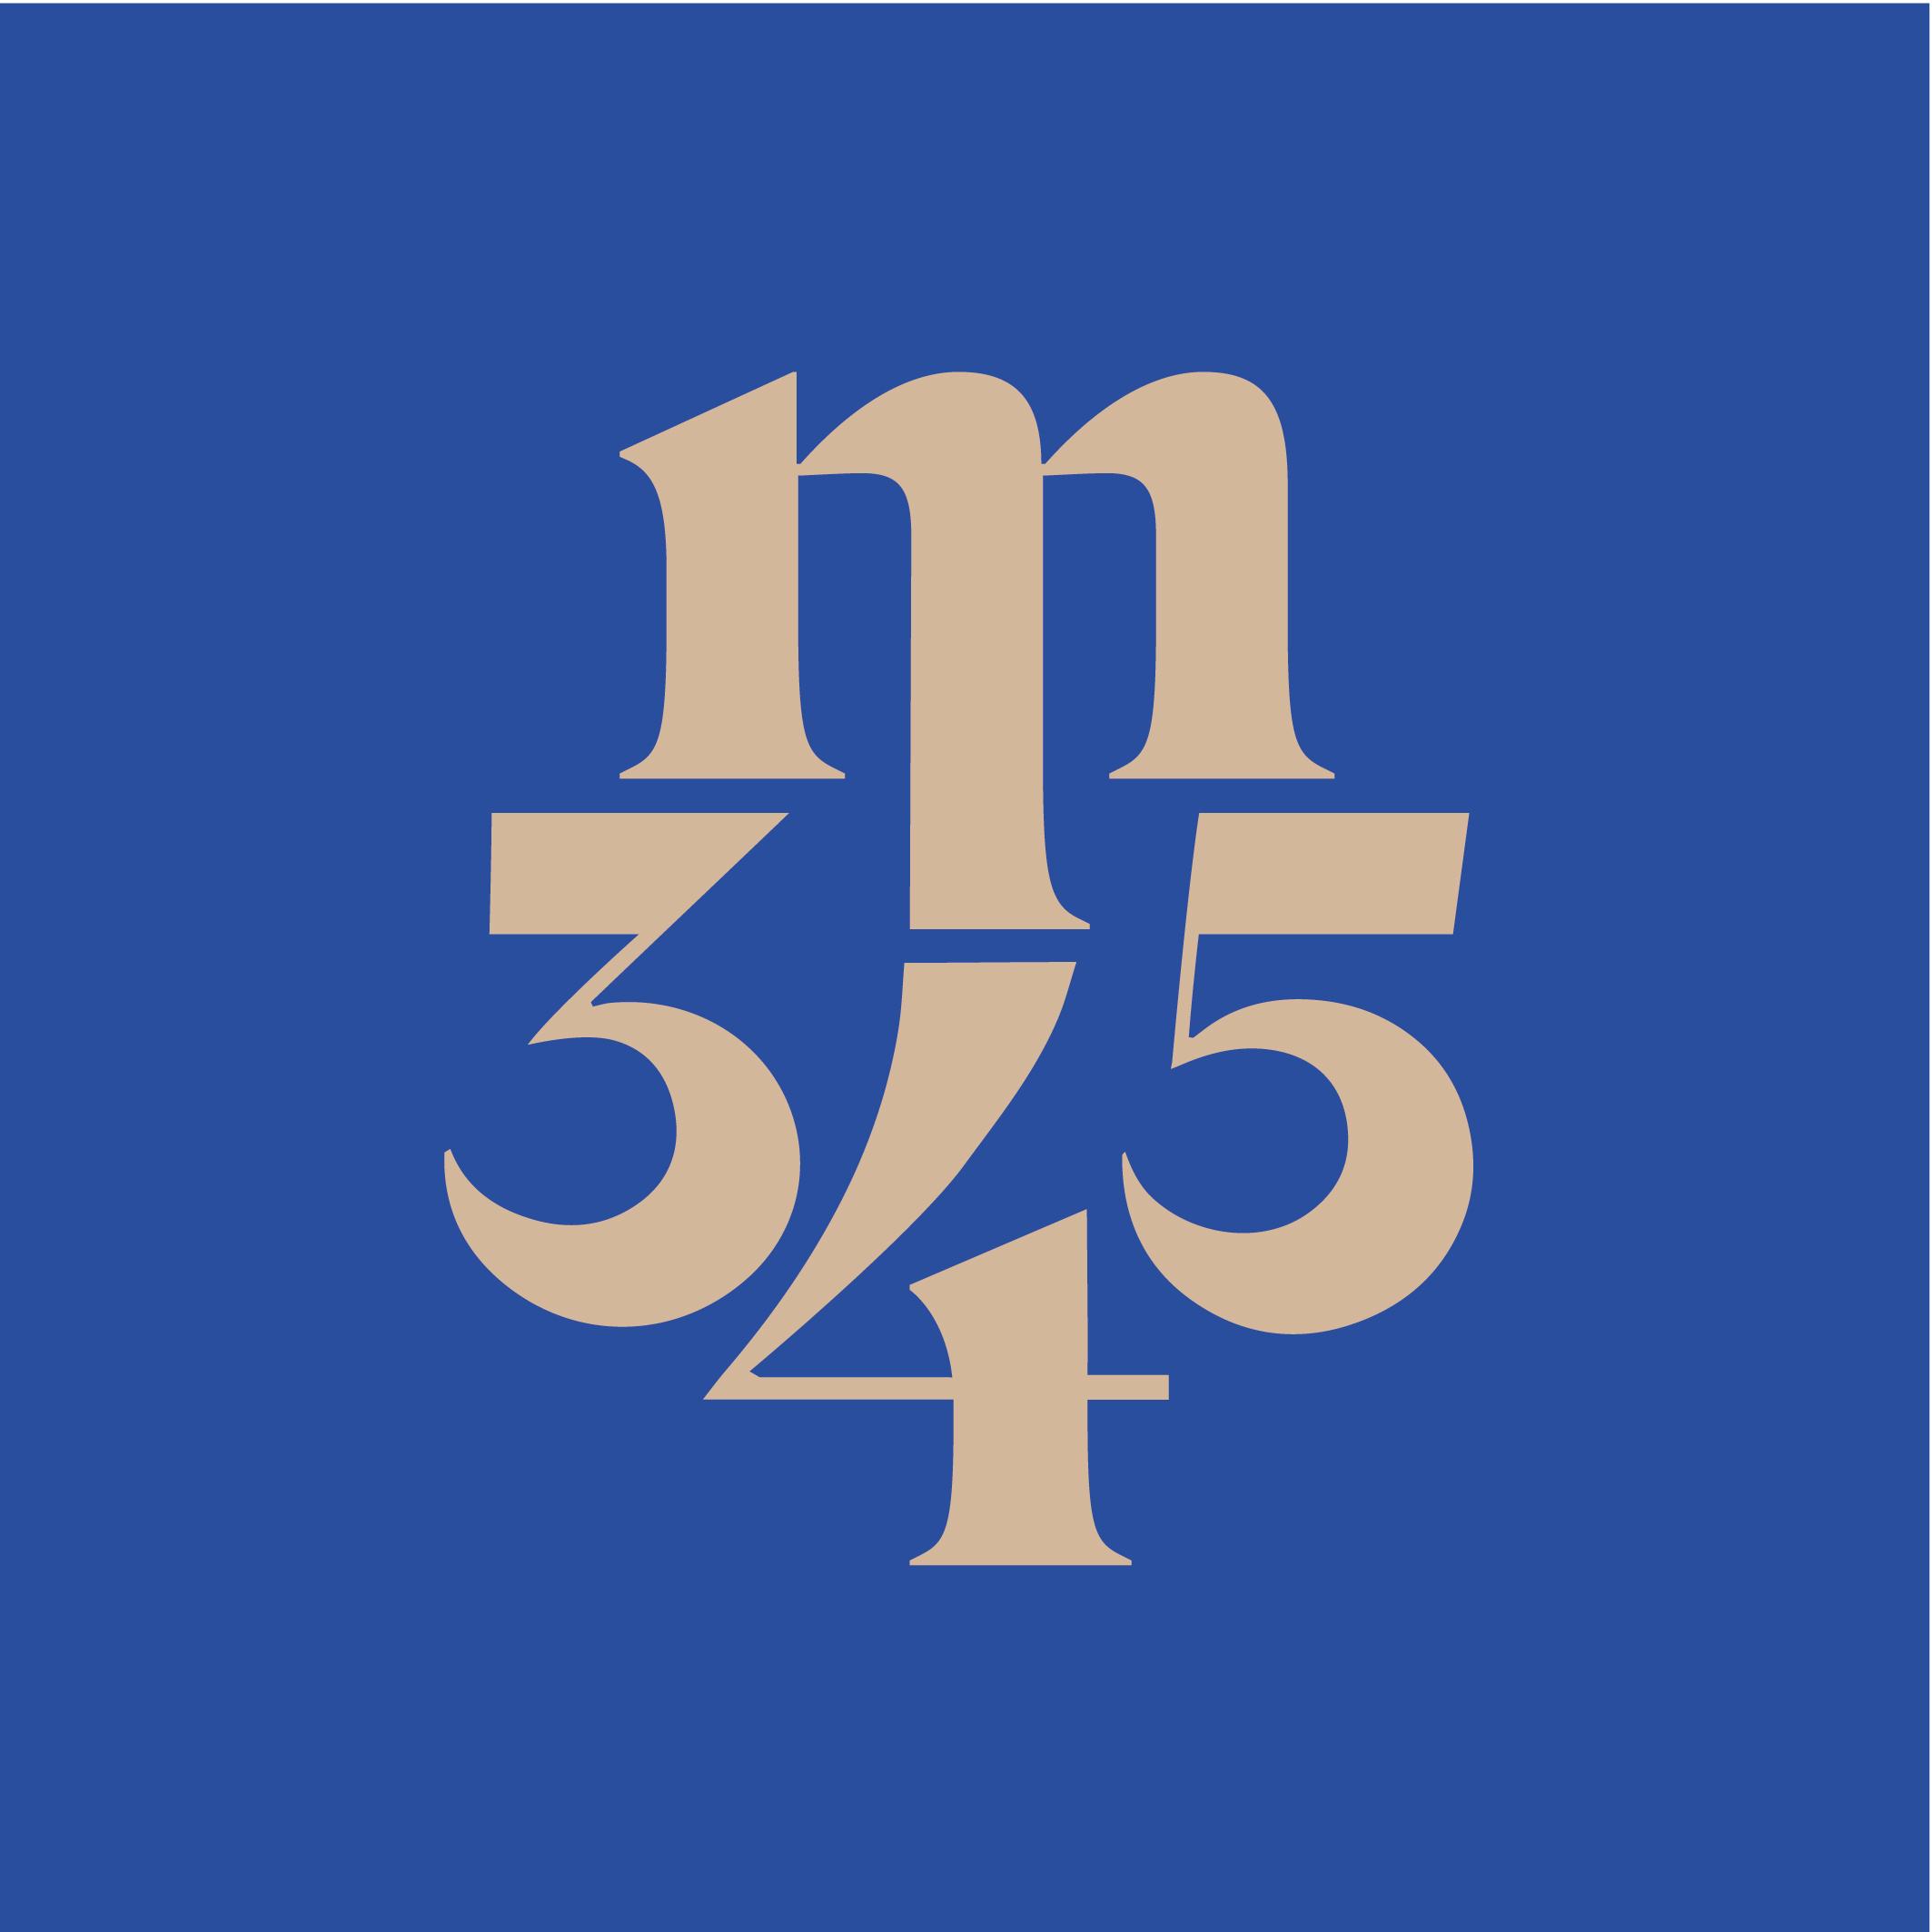 MANUFACTURE 345